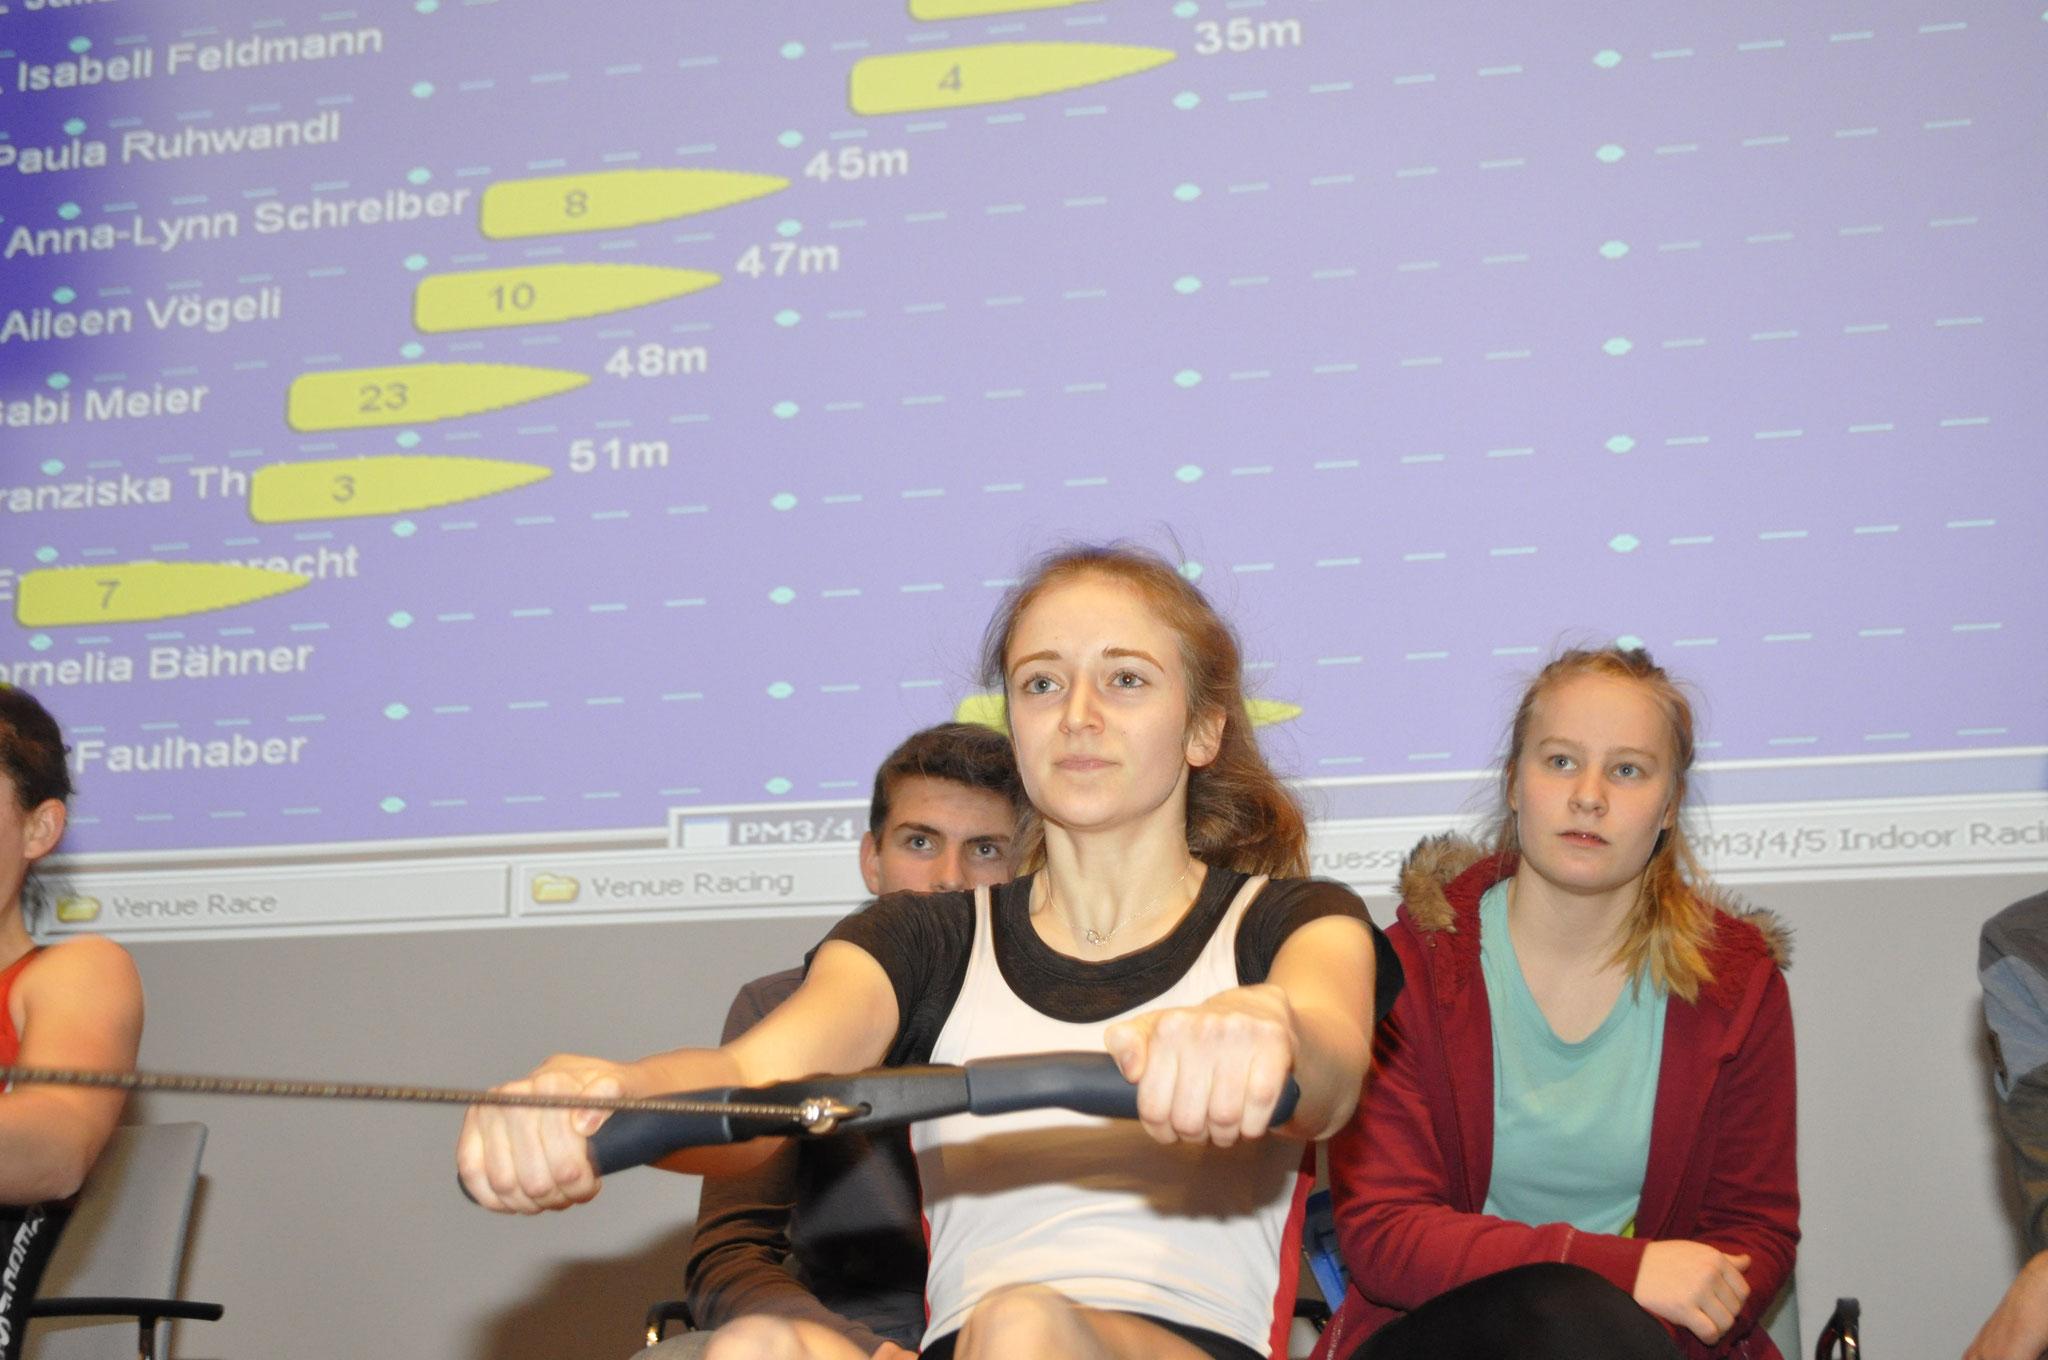 Ina Strohmaier mit Platz 5 bei den Junorinnen 17 18 J, Leichtgewicht